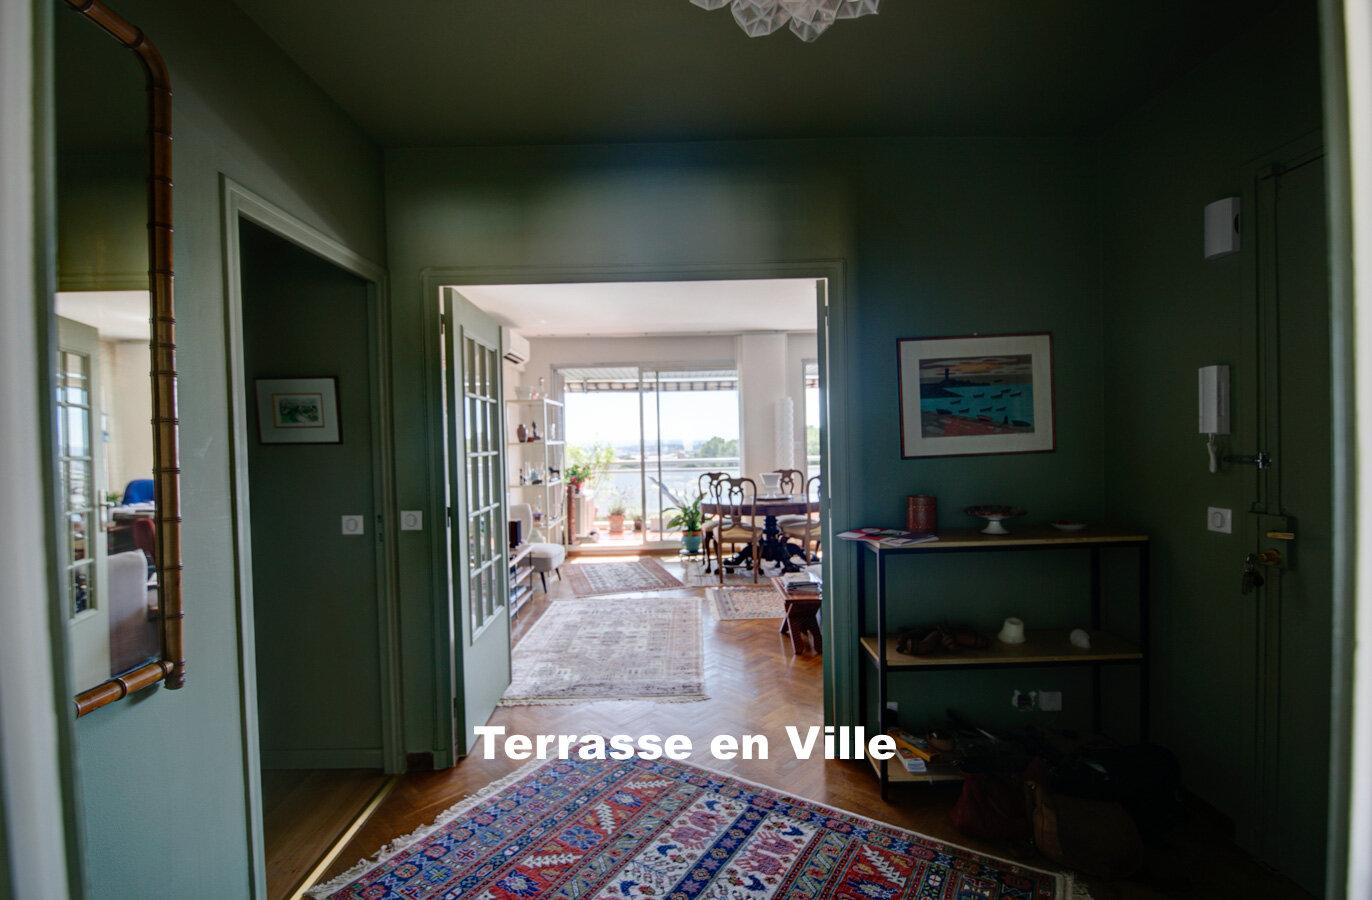 TERRASSE EN VILLE-21.jpg